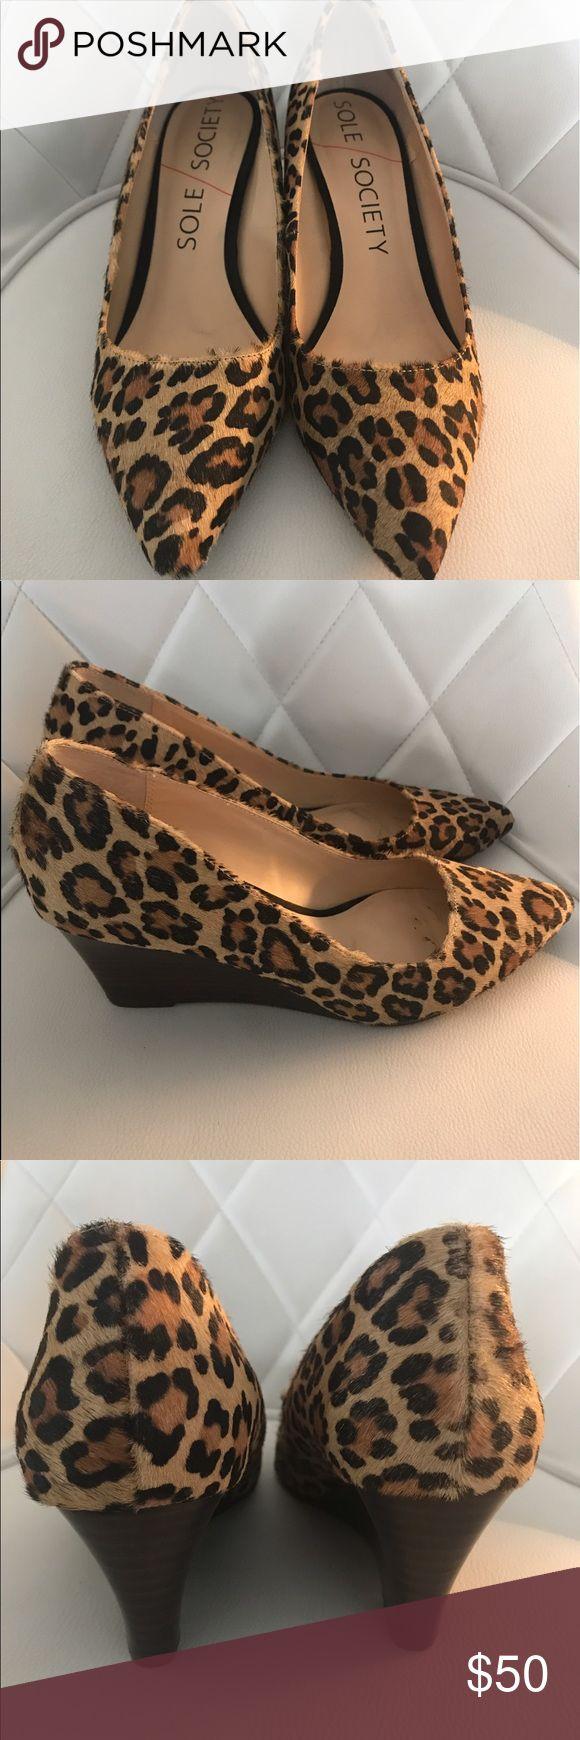 Sole Society JULI Leopard Mid Heel Wedge Size 8.5, gently worn leopard wedge Sole Society Shoes Wedges